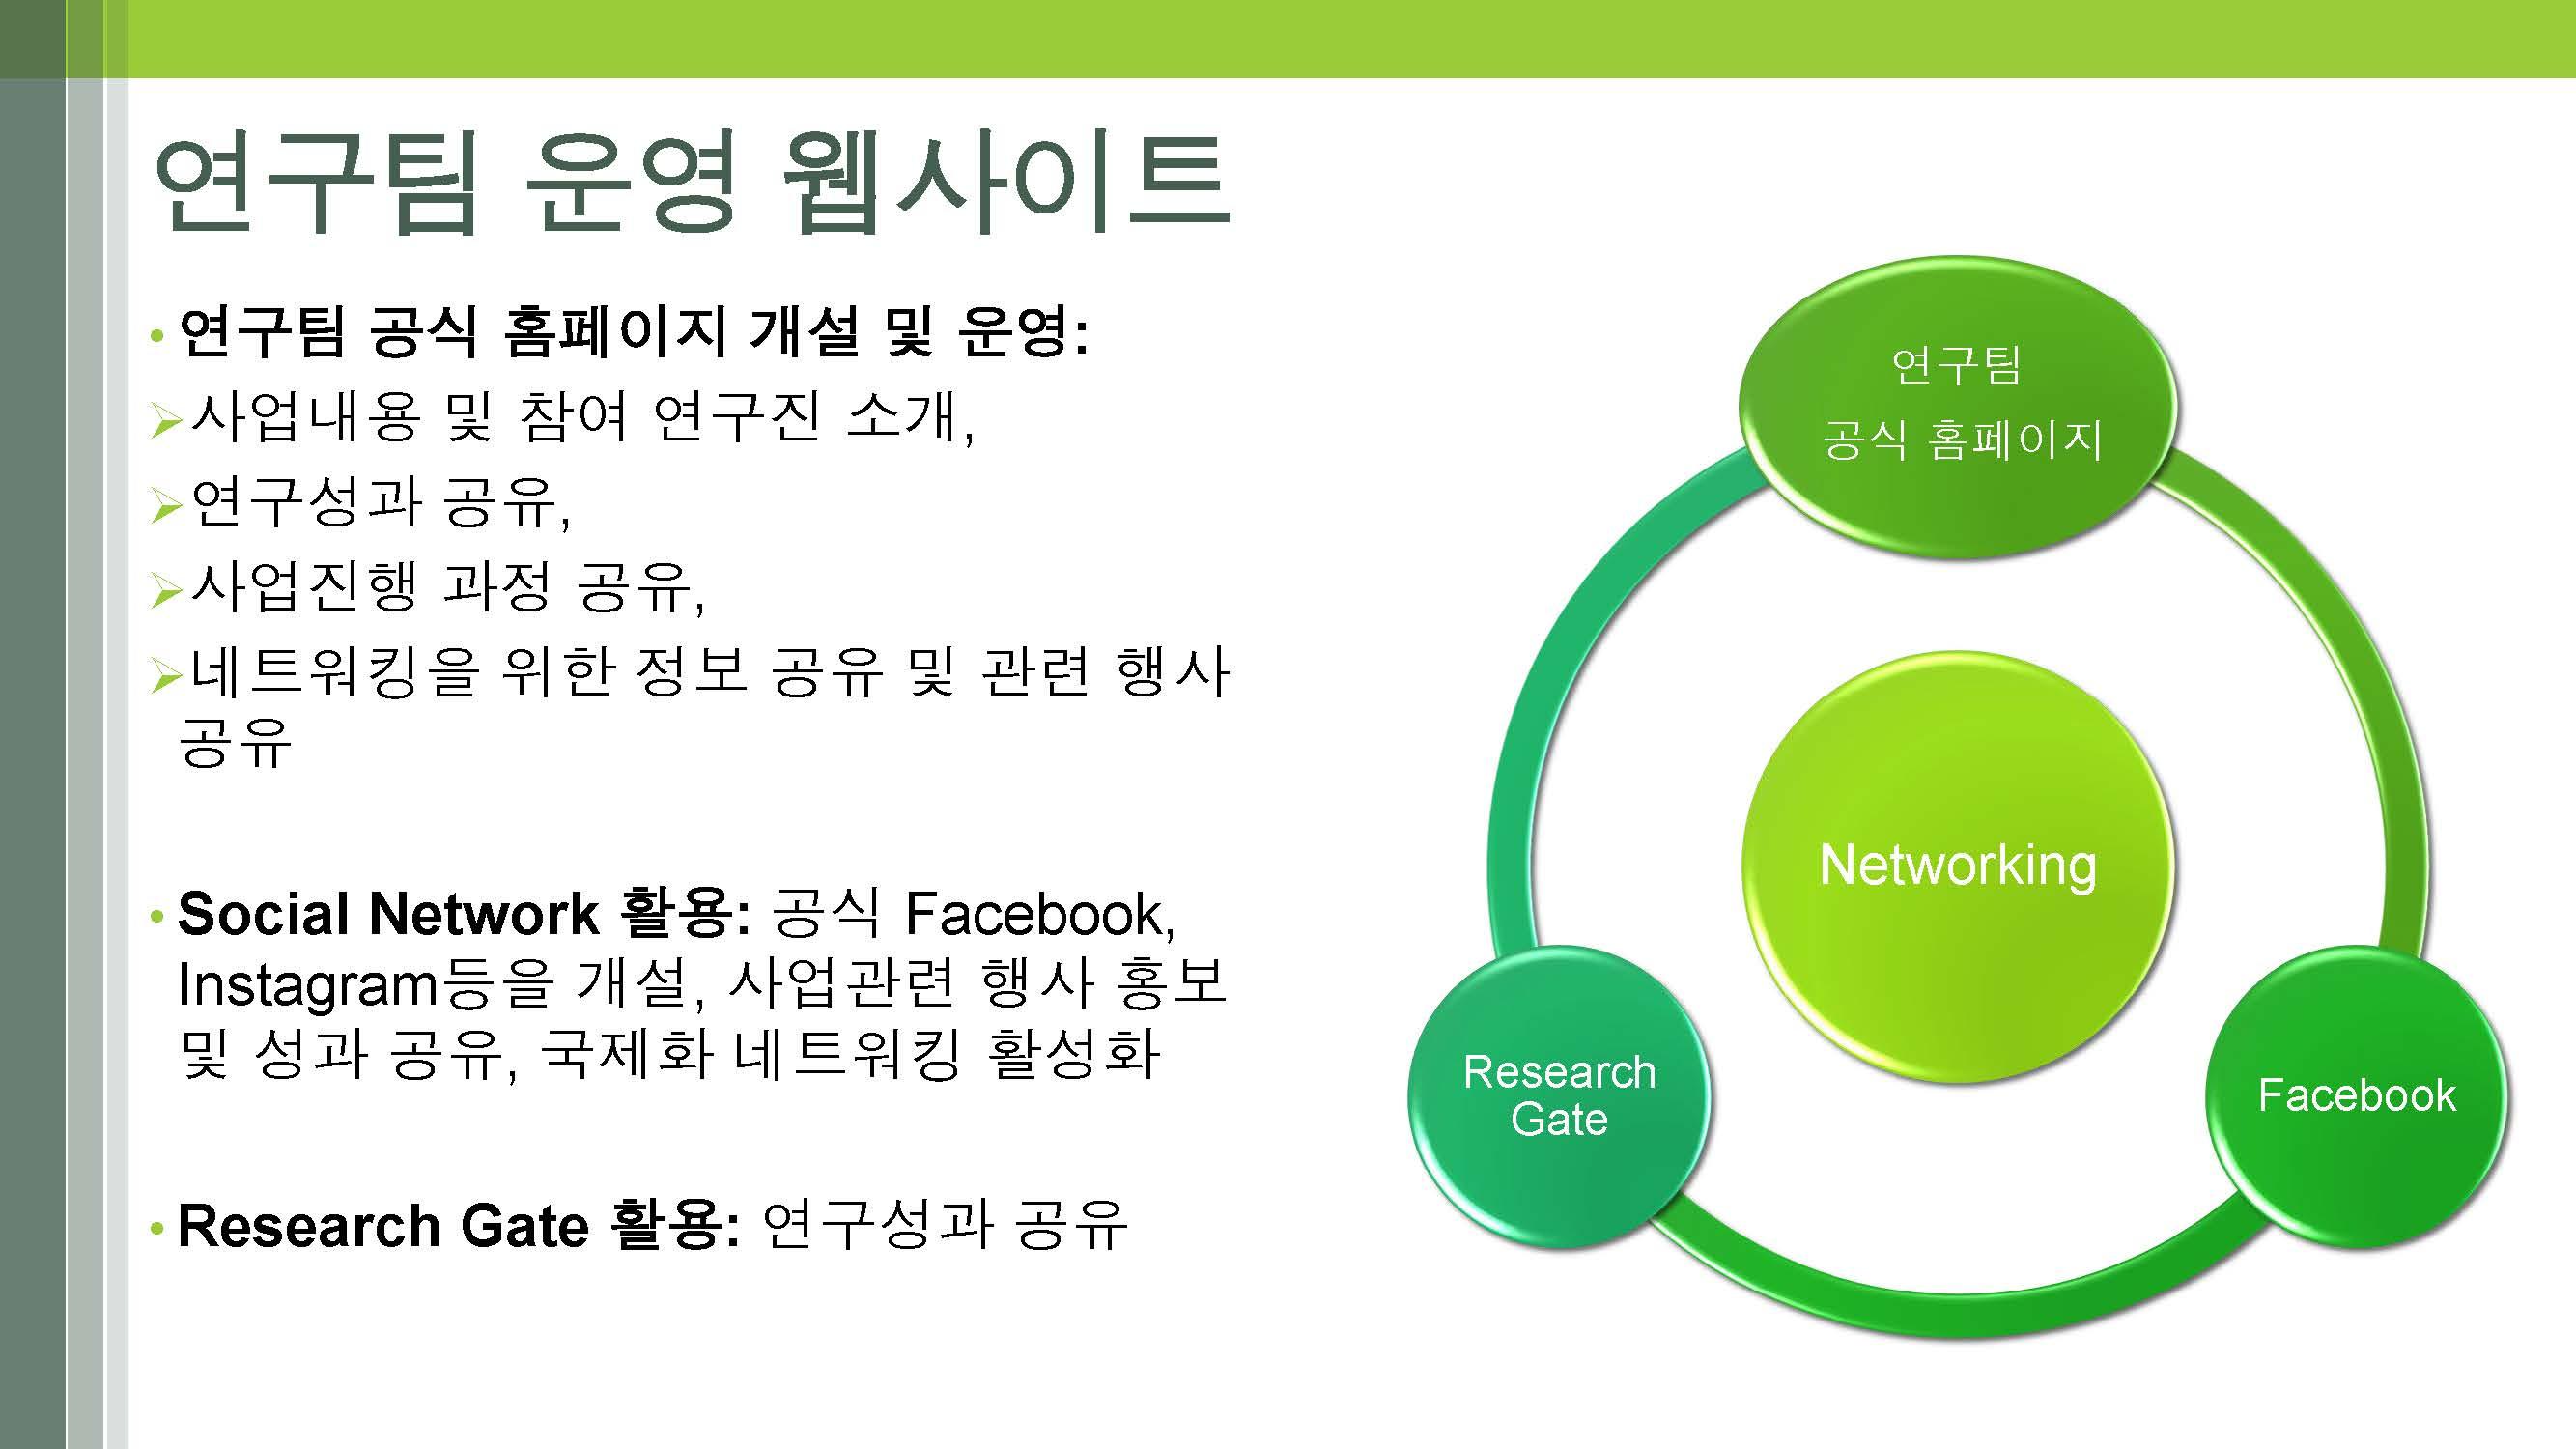 노인의 다면적 라이프스타일 개발(연세대-박지혁) (최종)_페이지_31